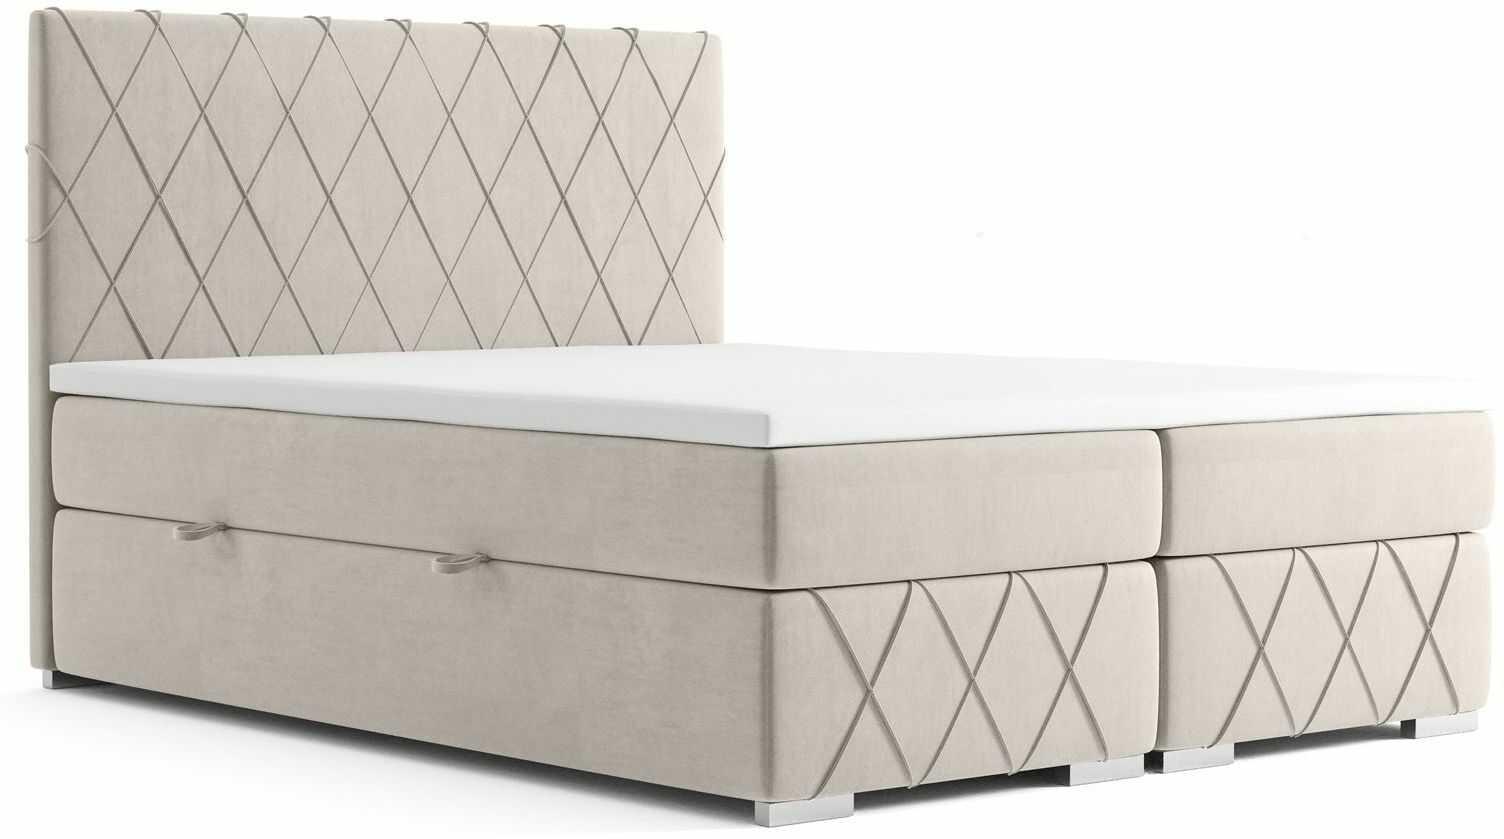 Małżeńskie łóżko kontynentalne Elise 160x200 - 58 kolorów